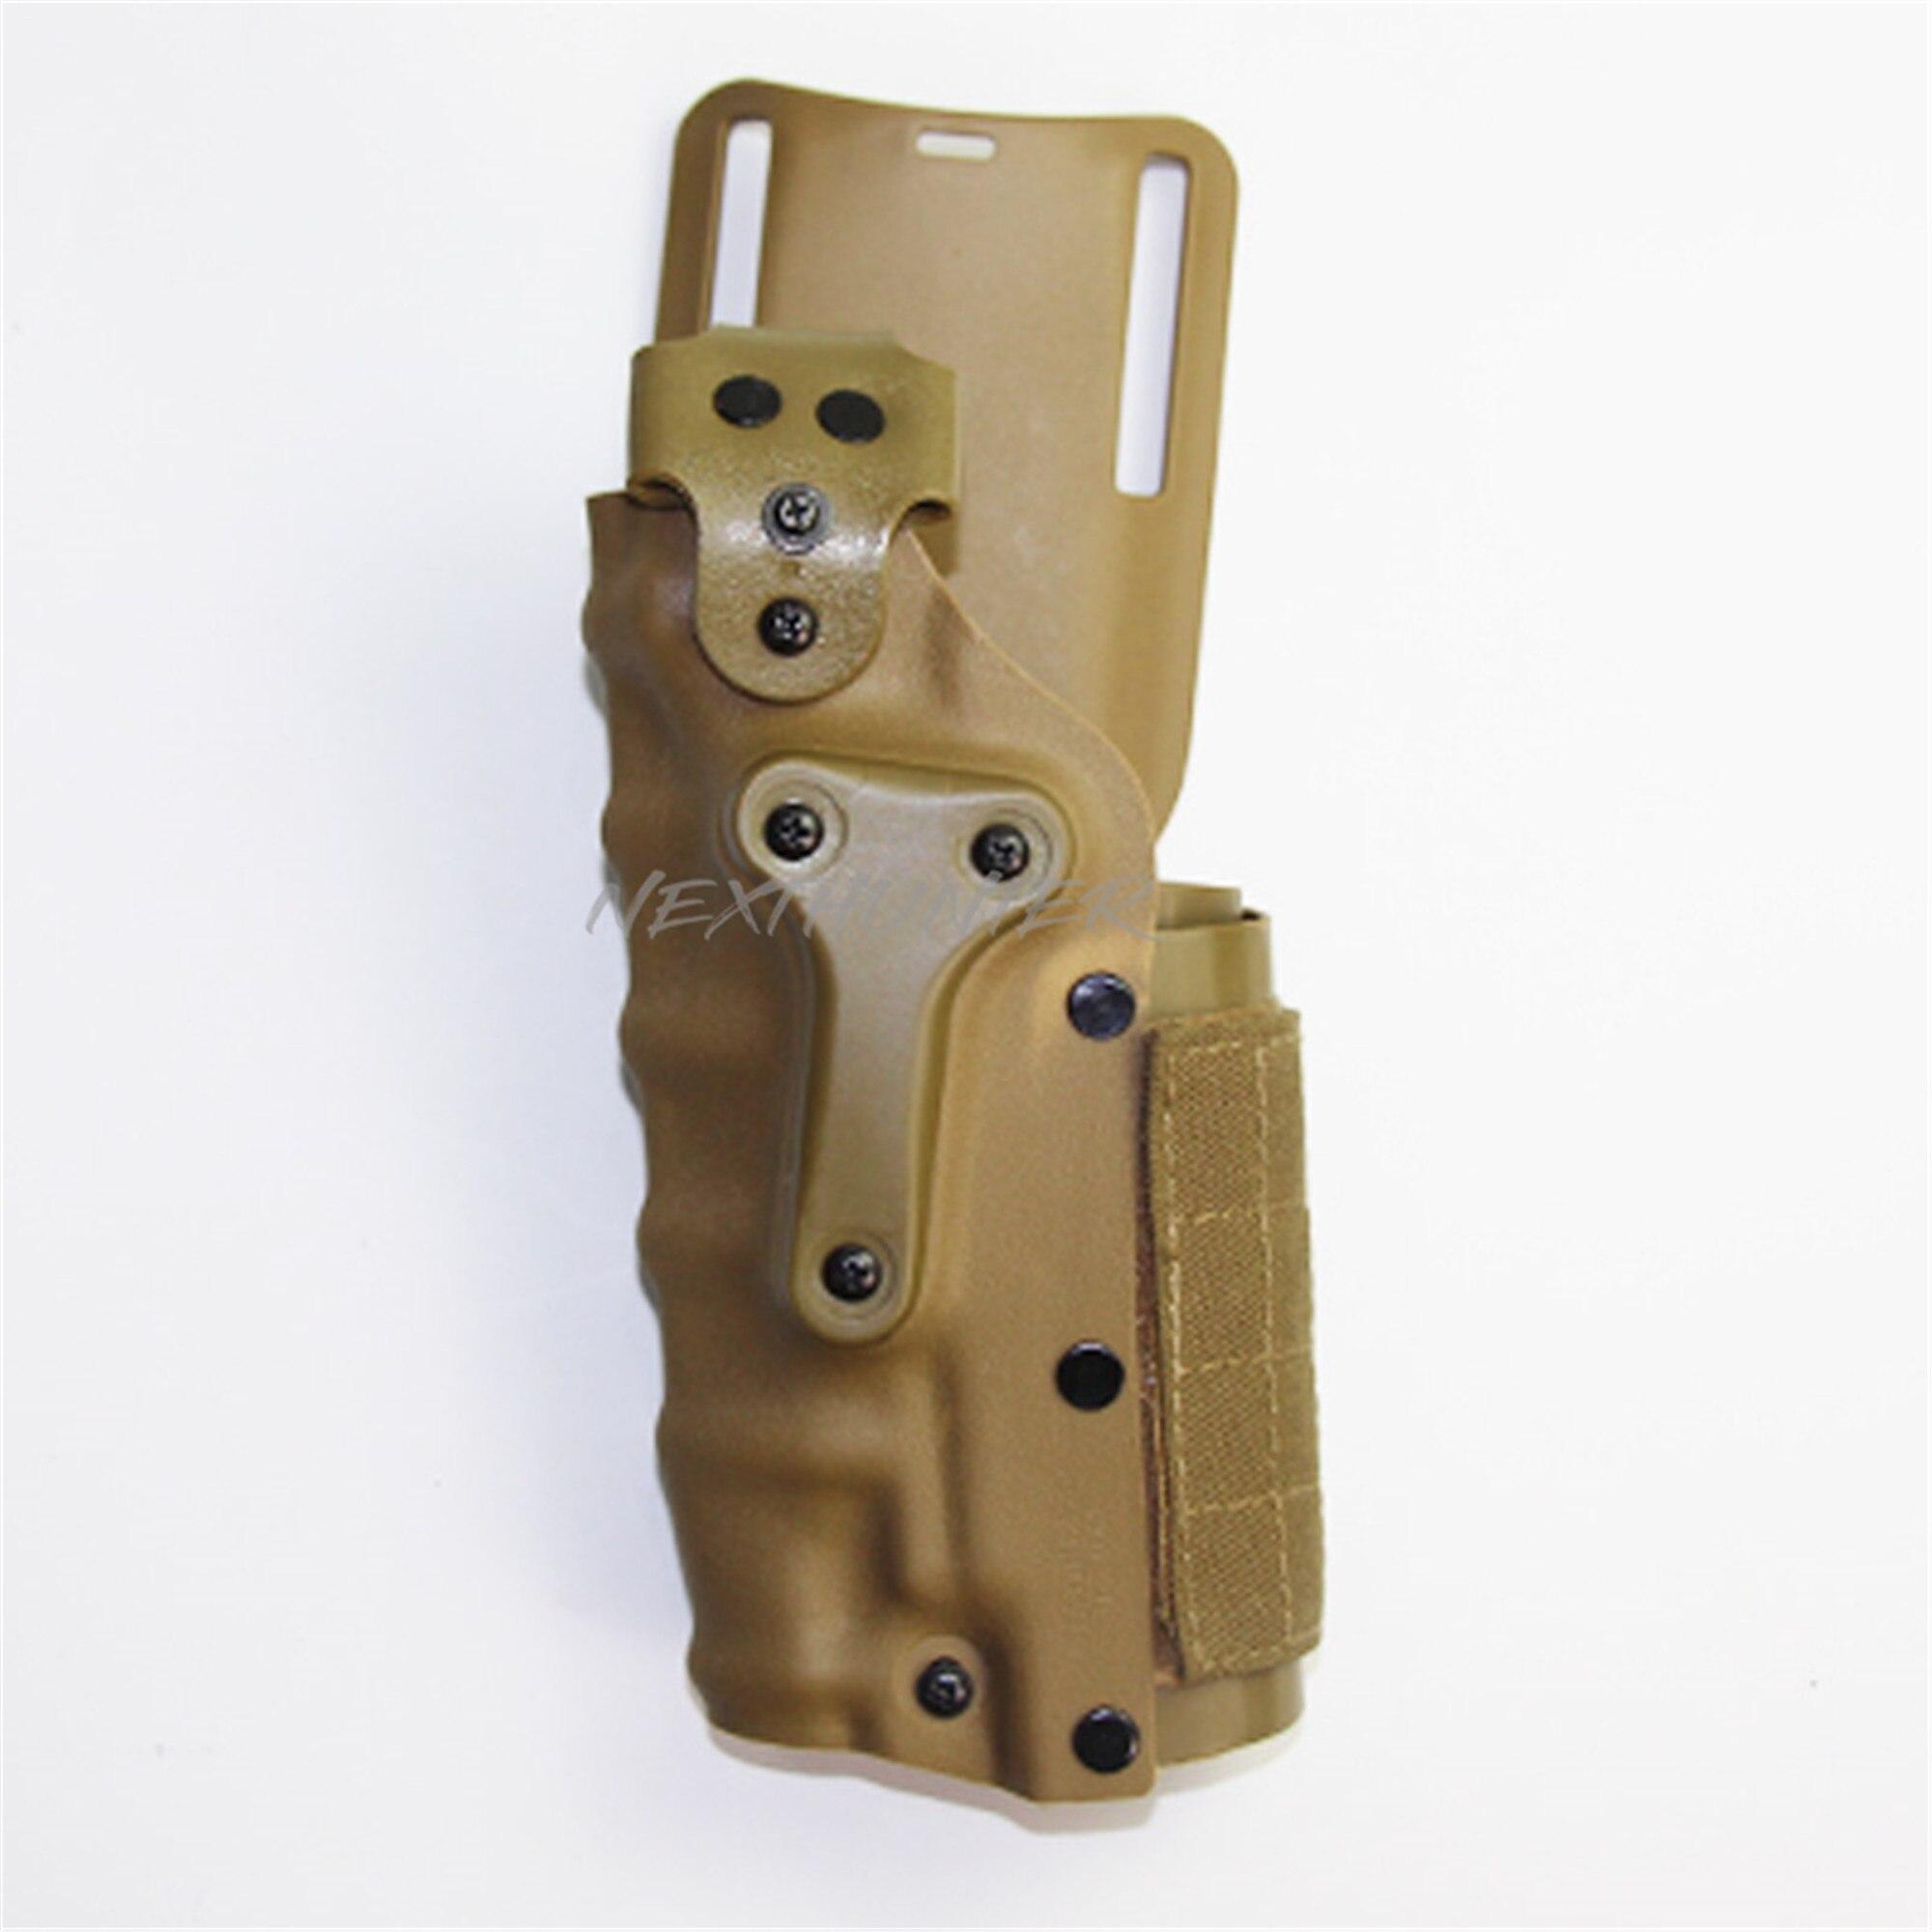 Totrait militar coldre de arma 3280 coldre